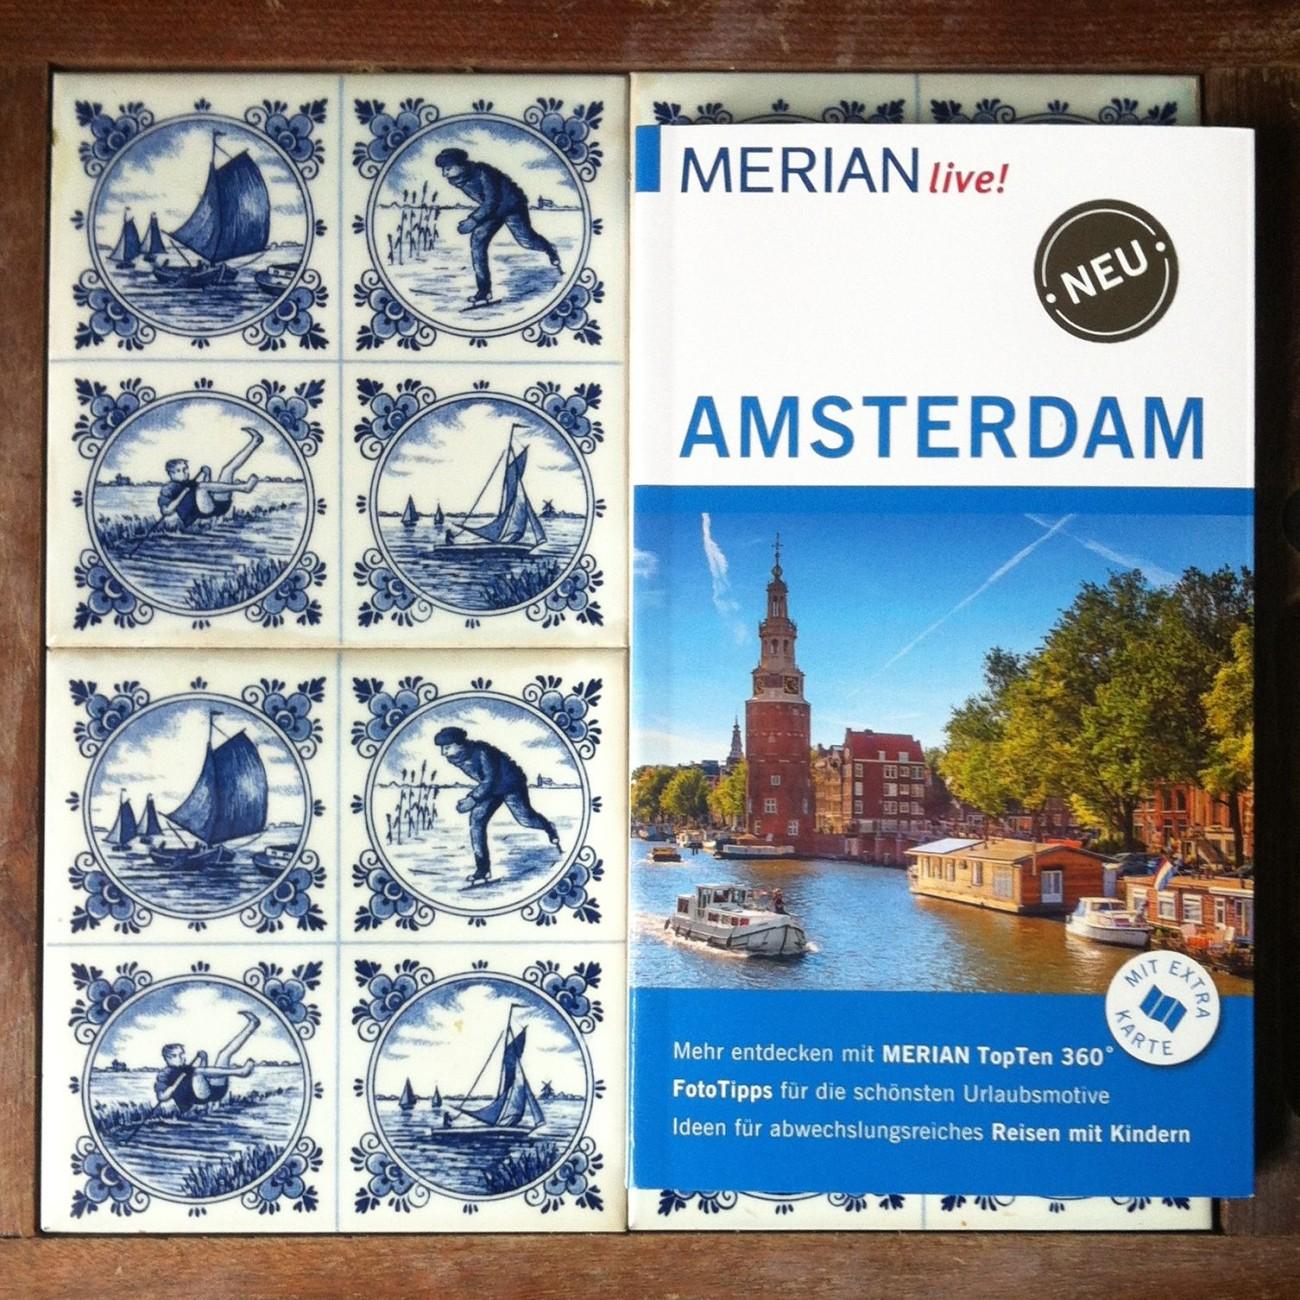 In einem Lied heißt es: Niemand kann sich besseres vorstellen, als ein Amsterdamer zu sein